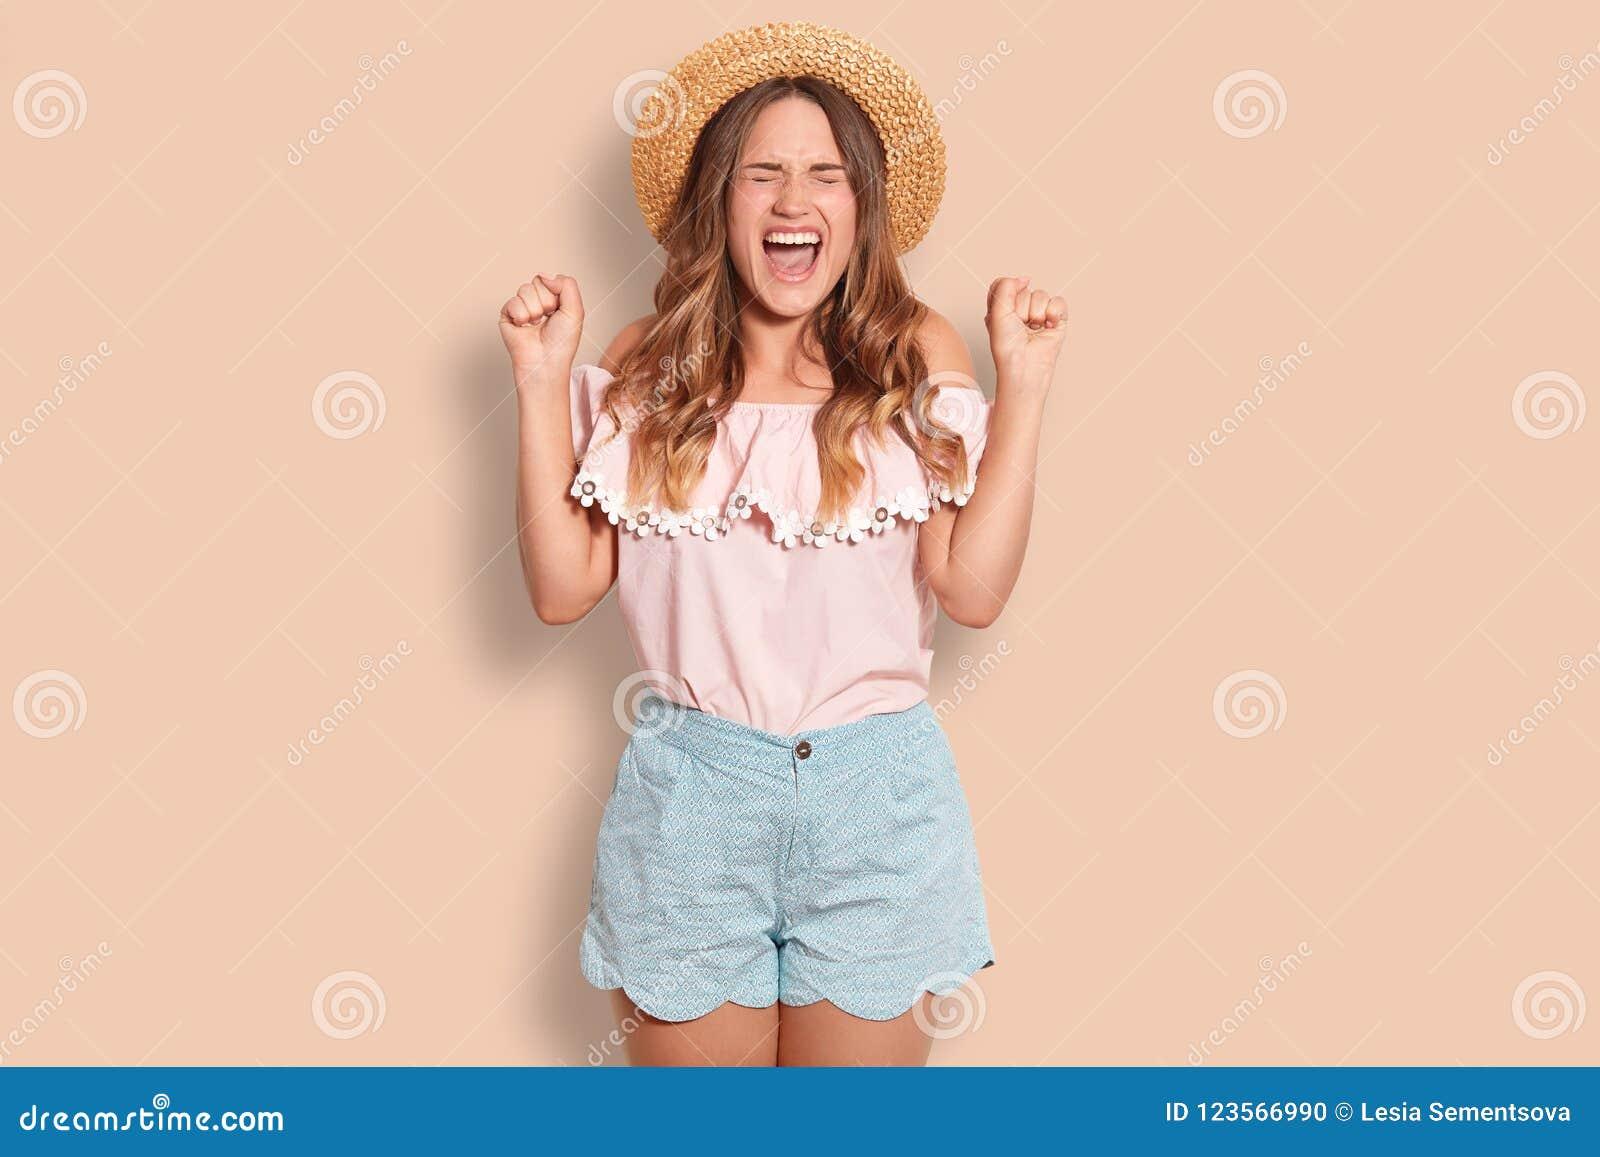 快乐的年轻欧洲女性水平的射击紧握拳头,惊叹充满幸福,闭上眼睛,戴夏天帽子,女衬衫a